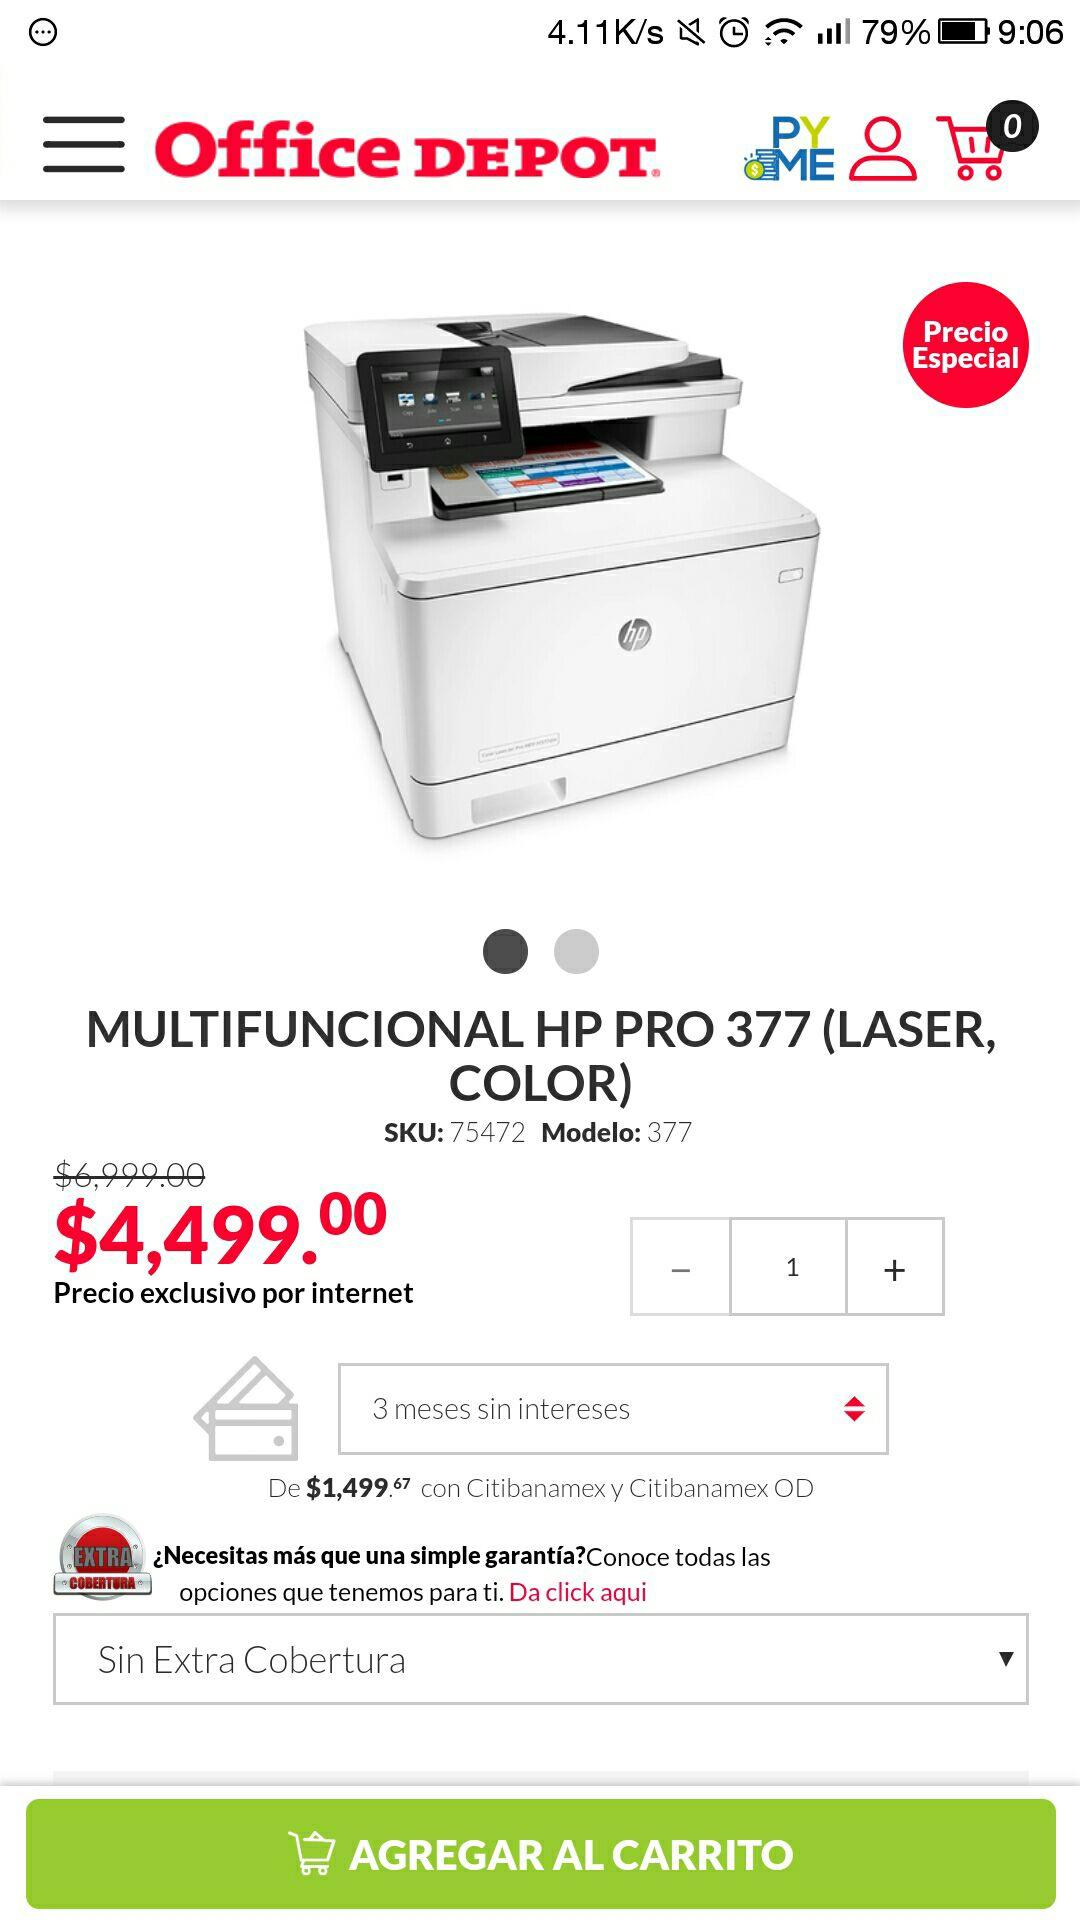 Office Depot Impresora laser color